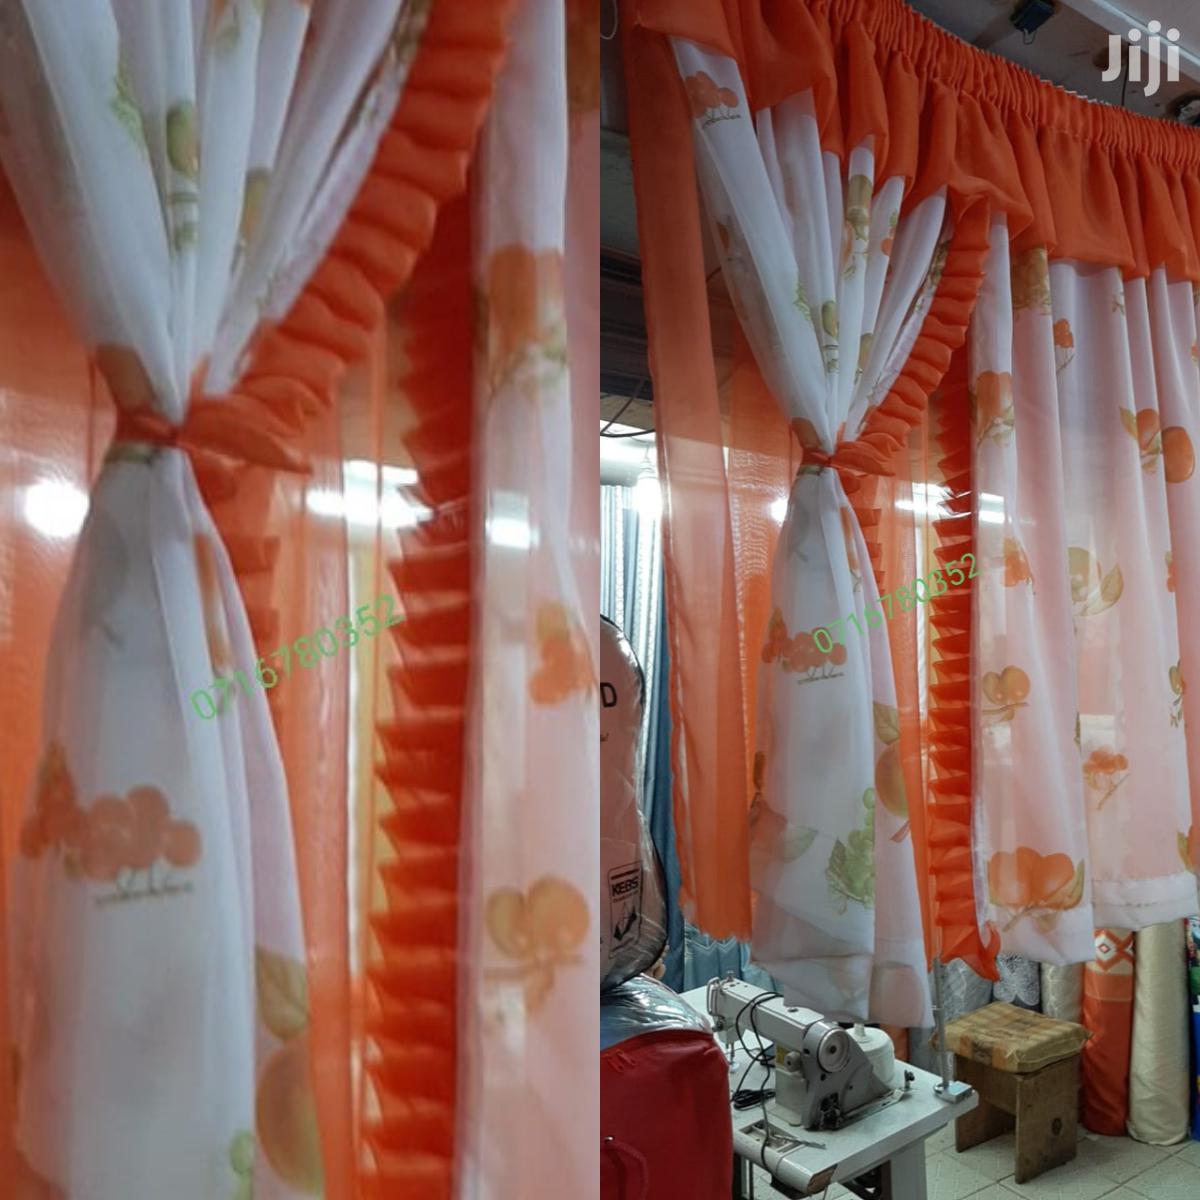 Curtain Kitchen Curtains In Nairobi Central Home Accessories George Nganga Jiji Co Ke For Sale In Nairobi Central Buy Home Accessories From George Nganga On Jiji Co Ke